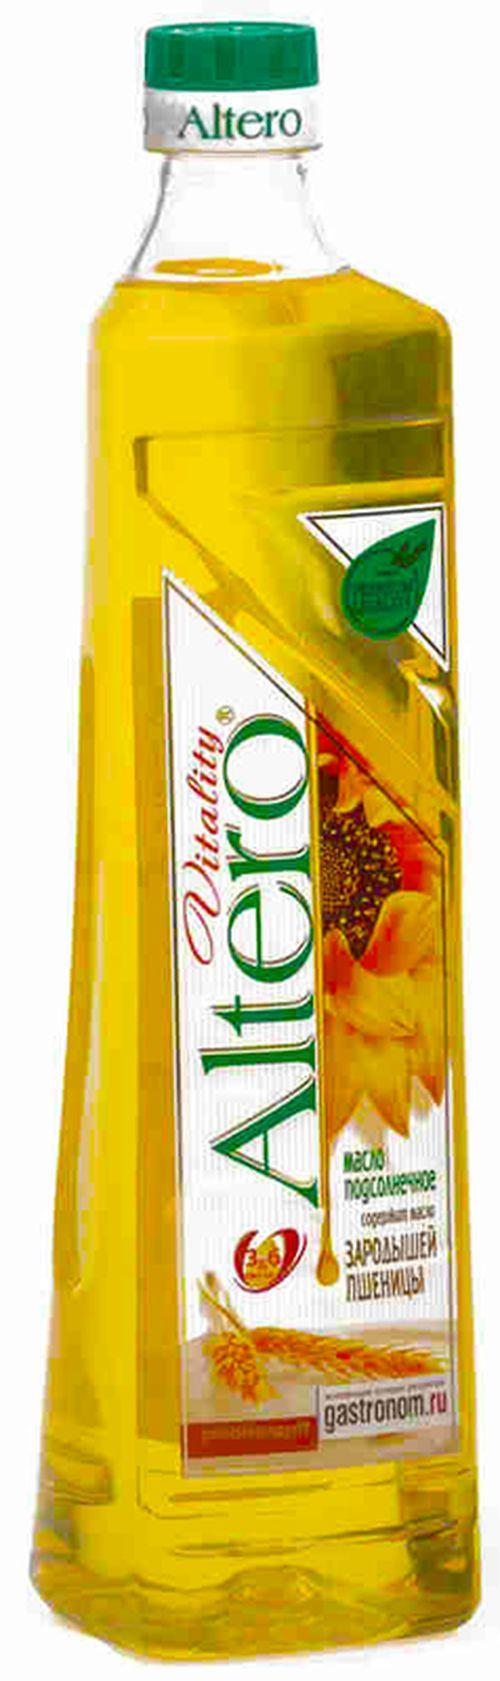 """купить Масло подсолнечное и зародышей пшеницы """"Altero Vitality"""" 810мл в Кишинёве"""